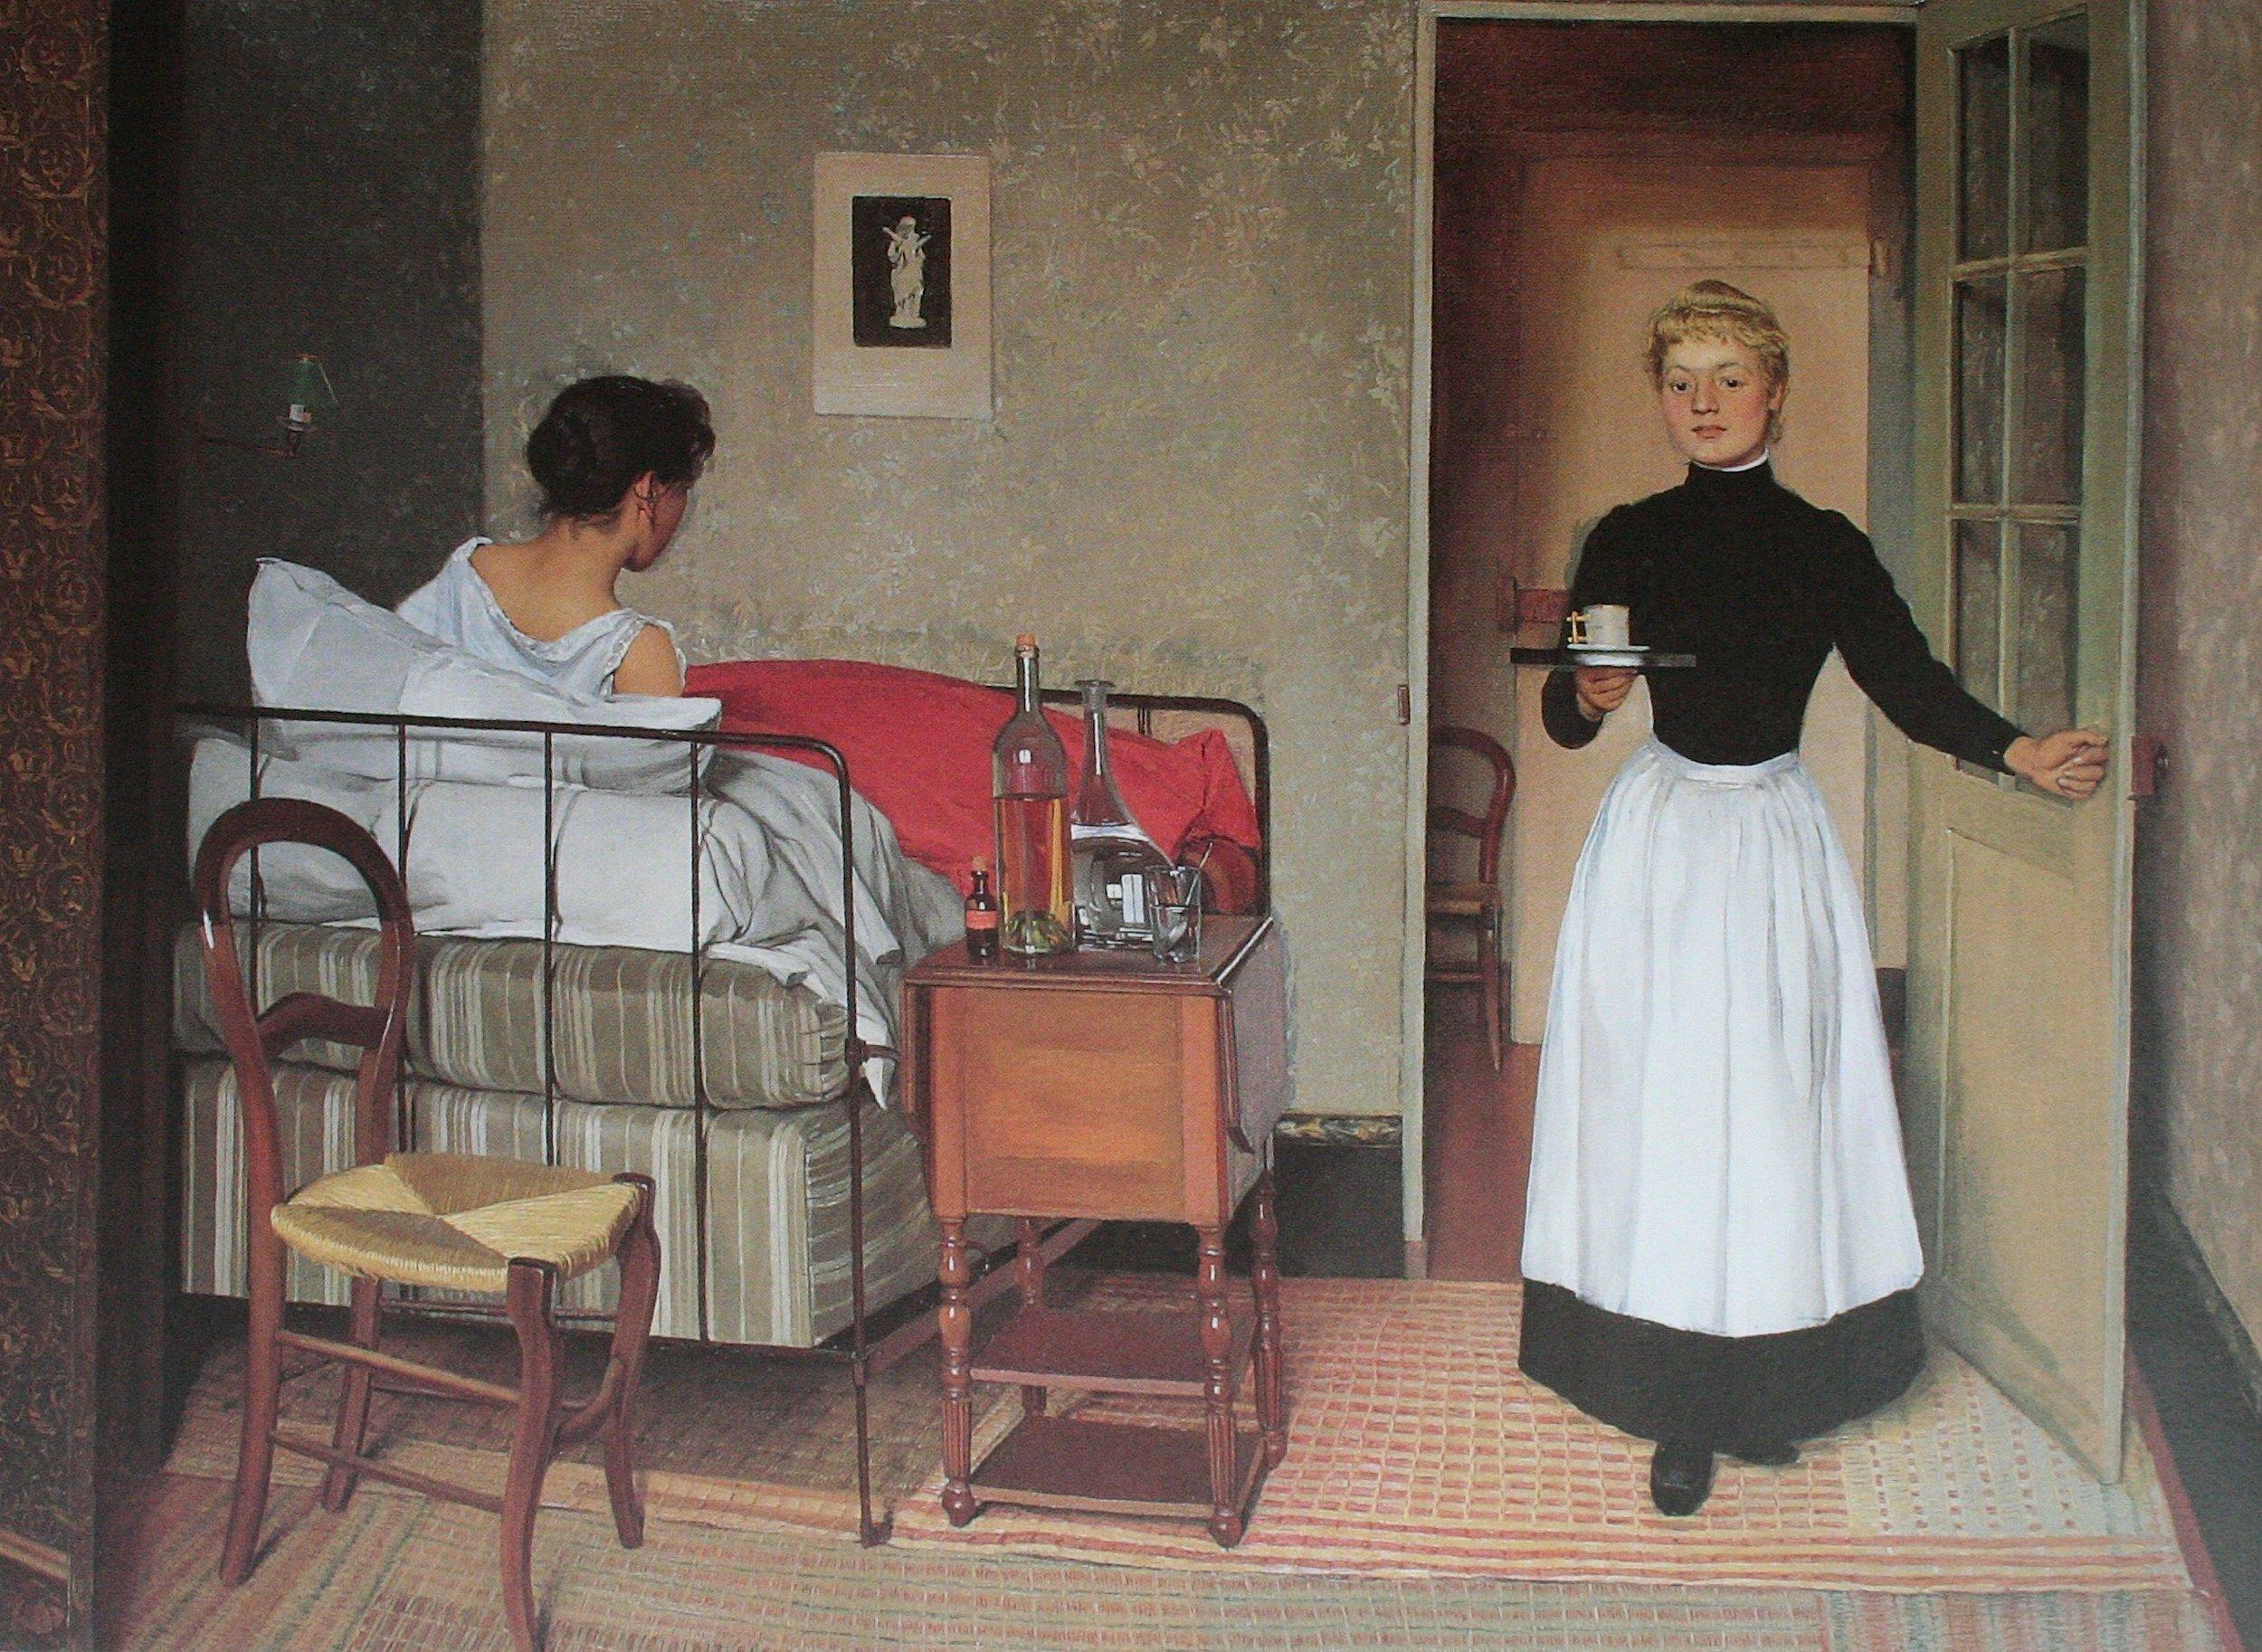 THE SICK GIRL by Felix Valloton, 1892